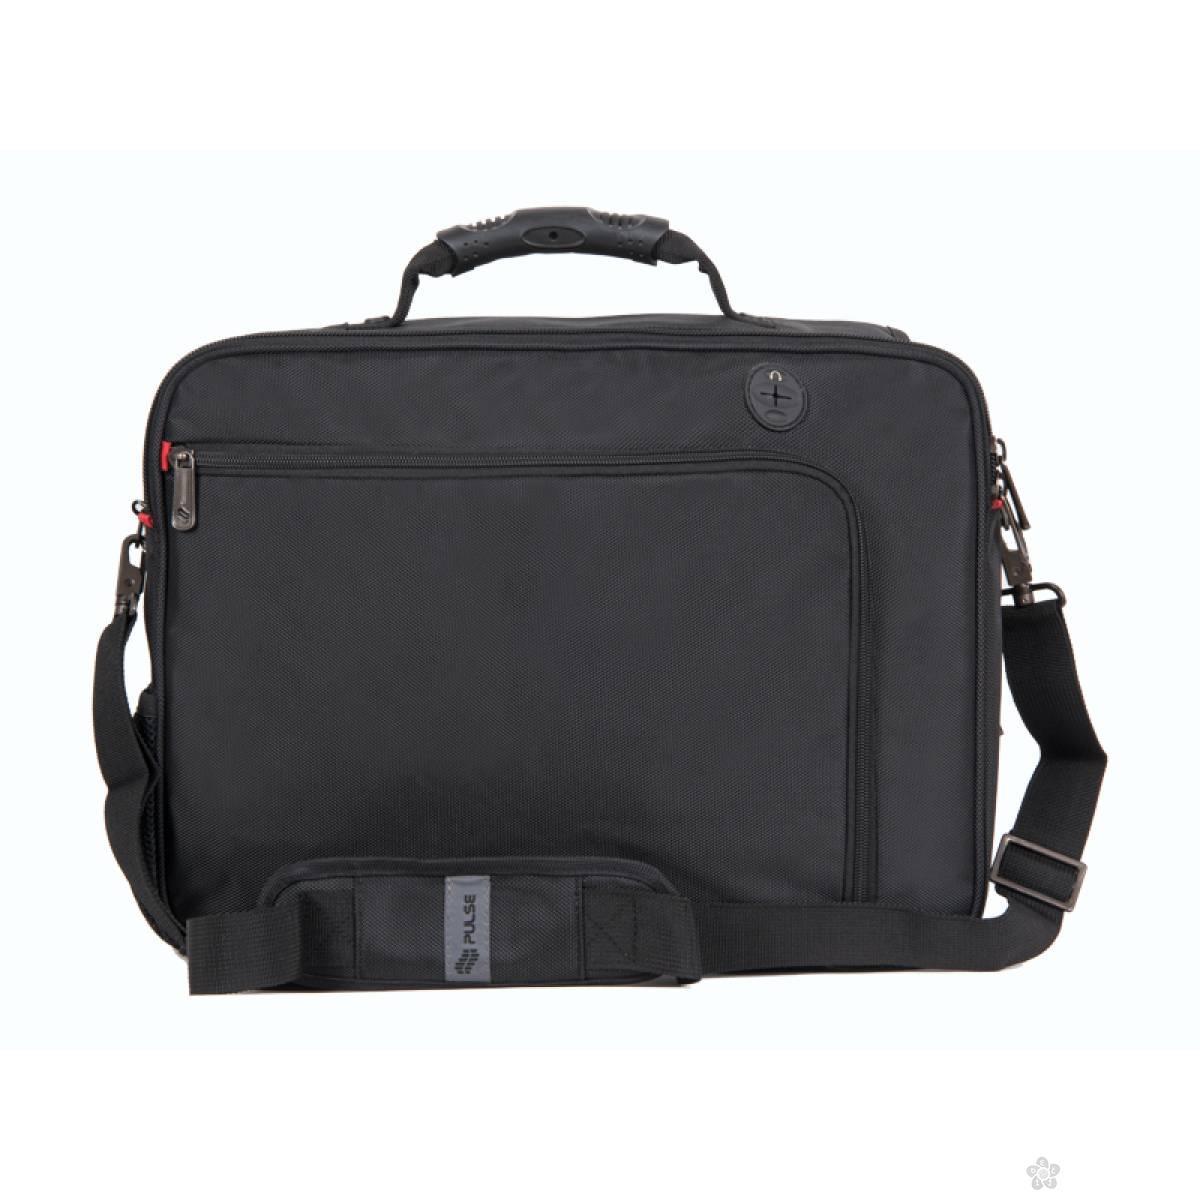 Poslovna torba Kryptonite 120250